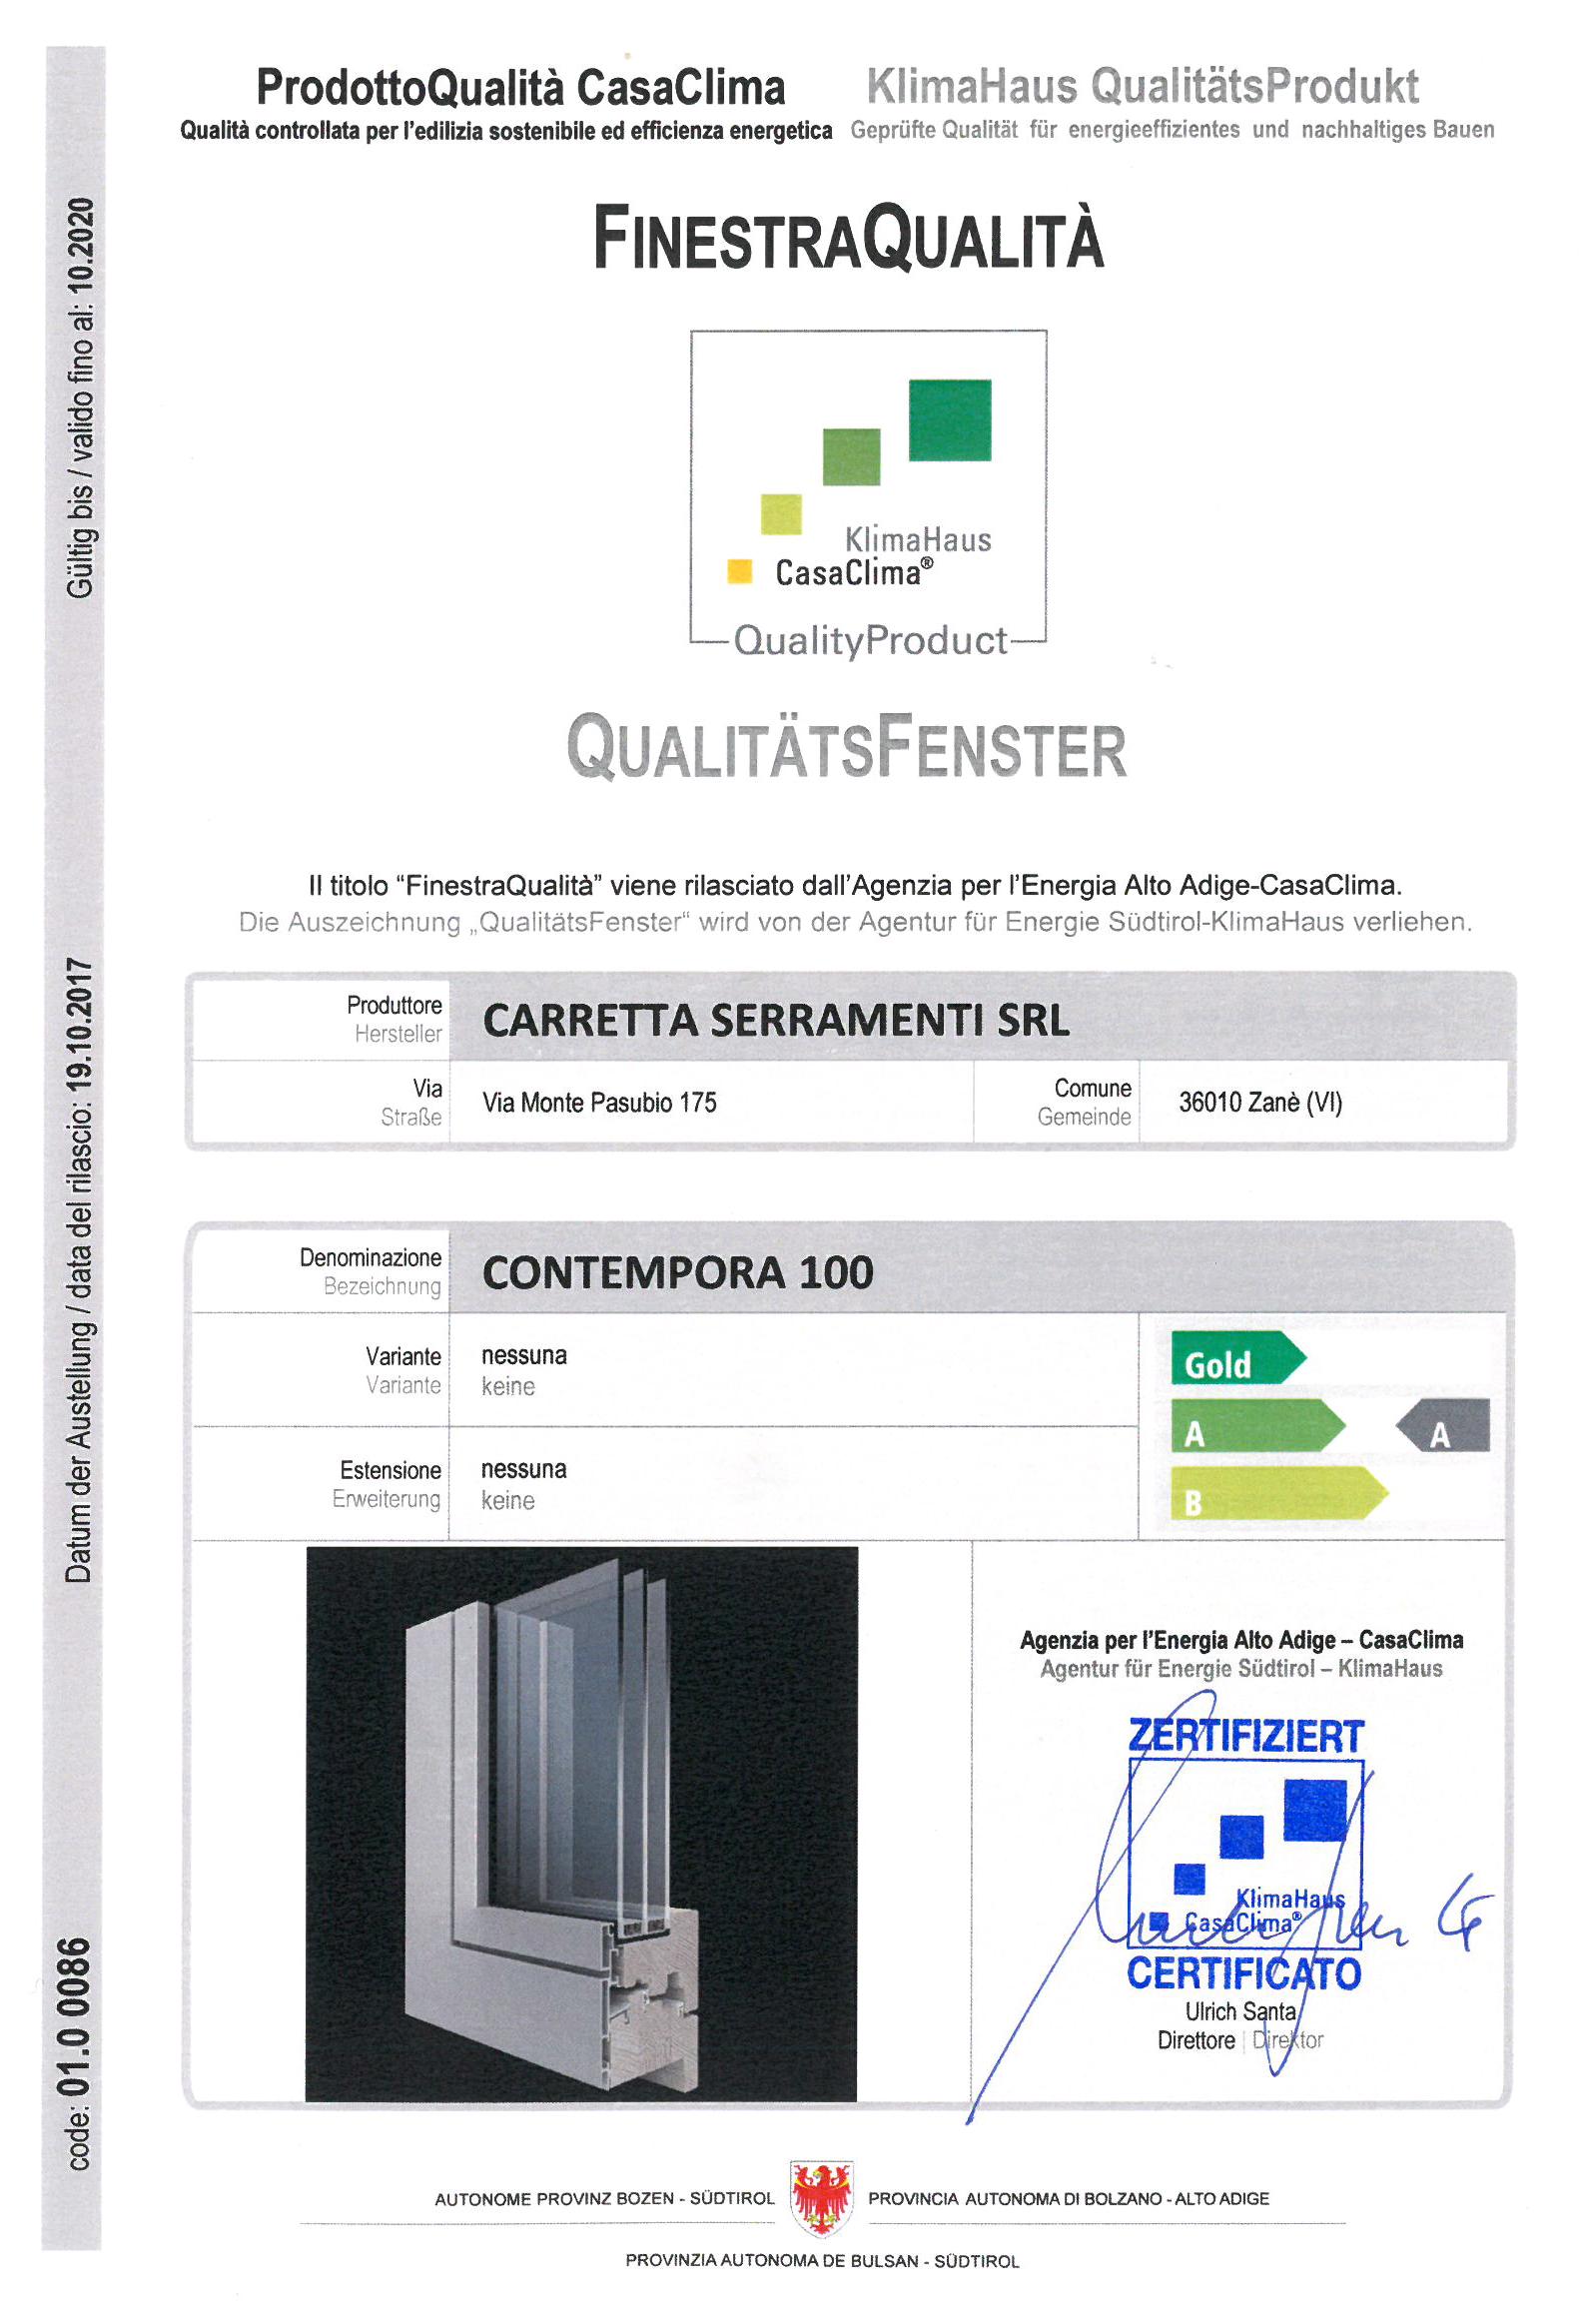 Carretta Serramenti produzione finestre in legno e alluminio Contempora 100 Certificato Qualità CasaClima KlimaHaus